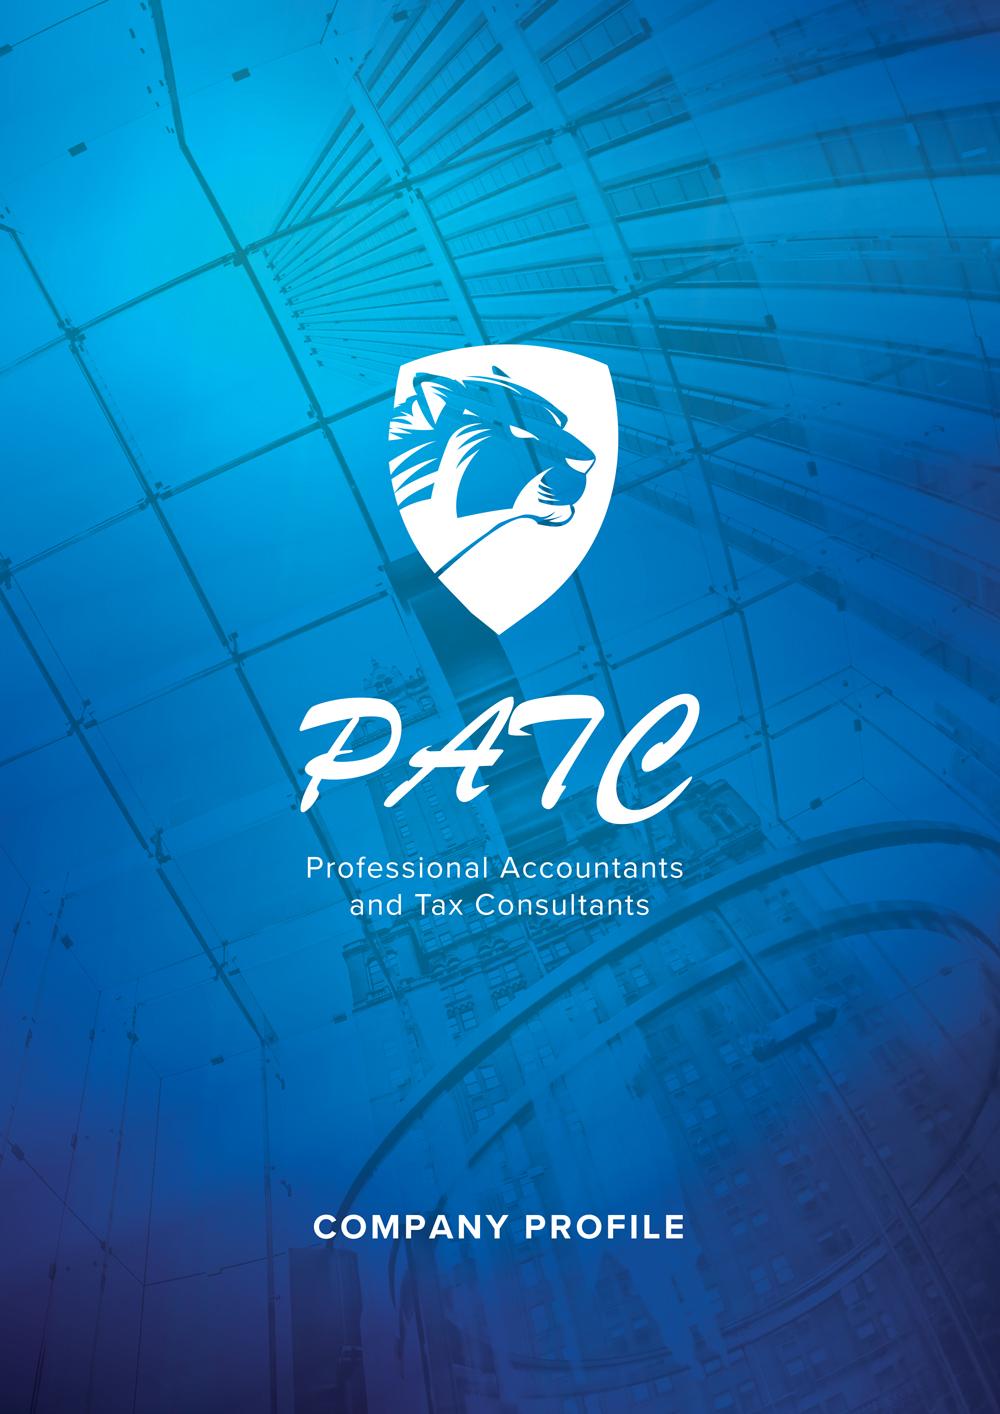 PATC company profile